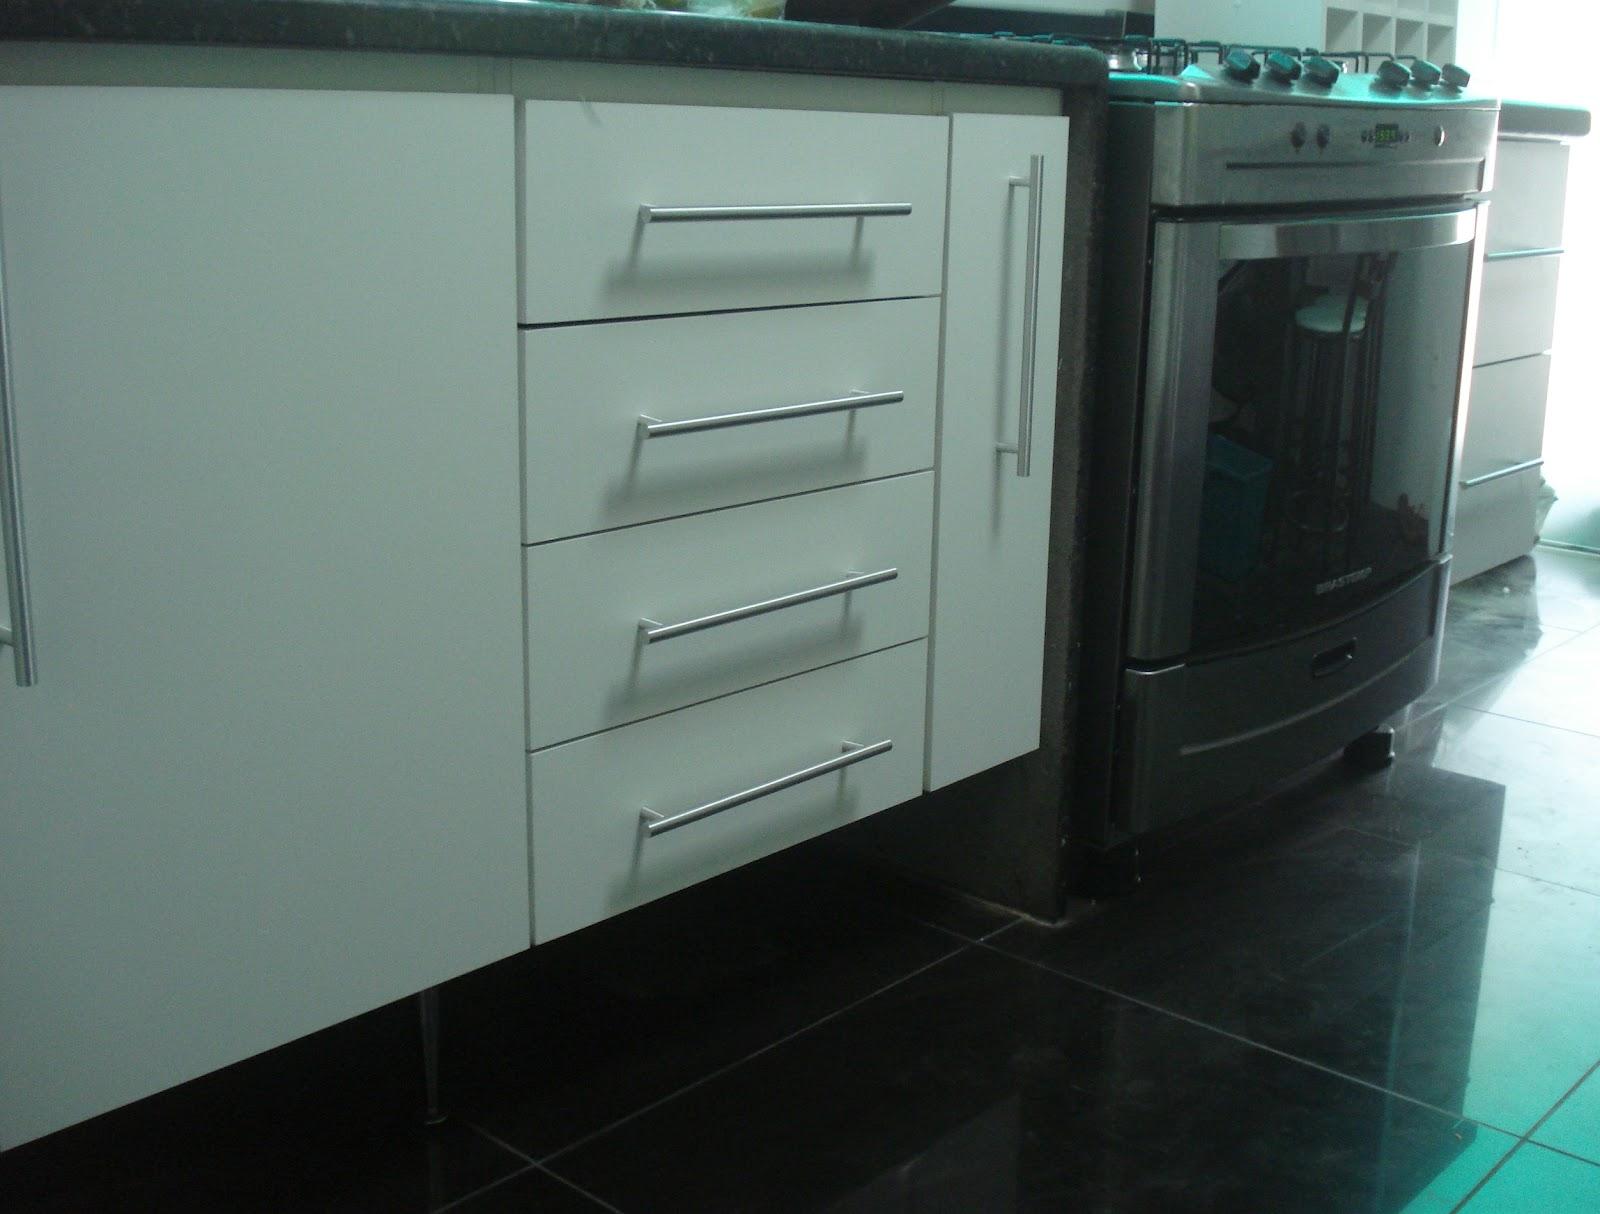 #474359 Lopes Armários Planejados Armário de Cozinha Padrão Branco Porta Curva Puxadores em Perfil  1600x1214 px Armario De Cozinha Em Aluminio #2973 imagens